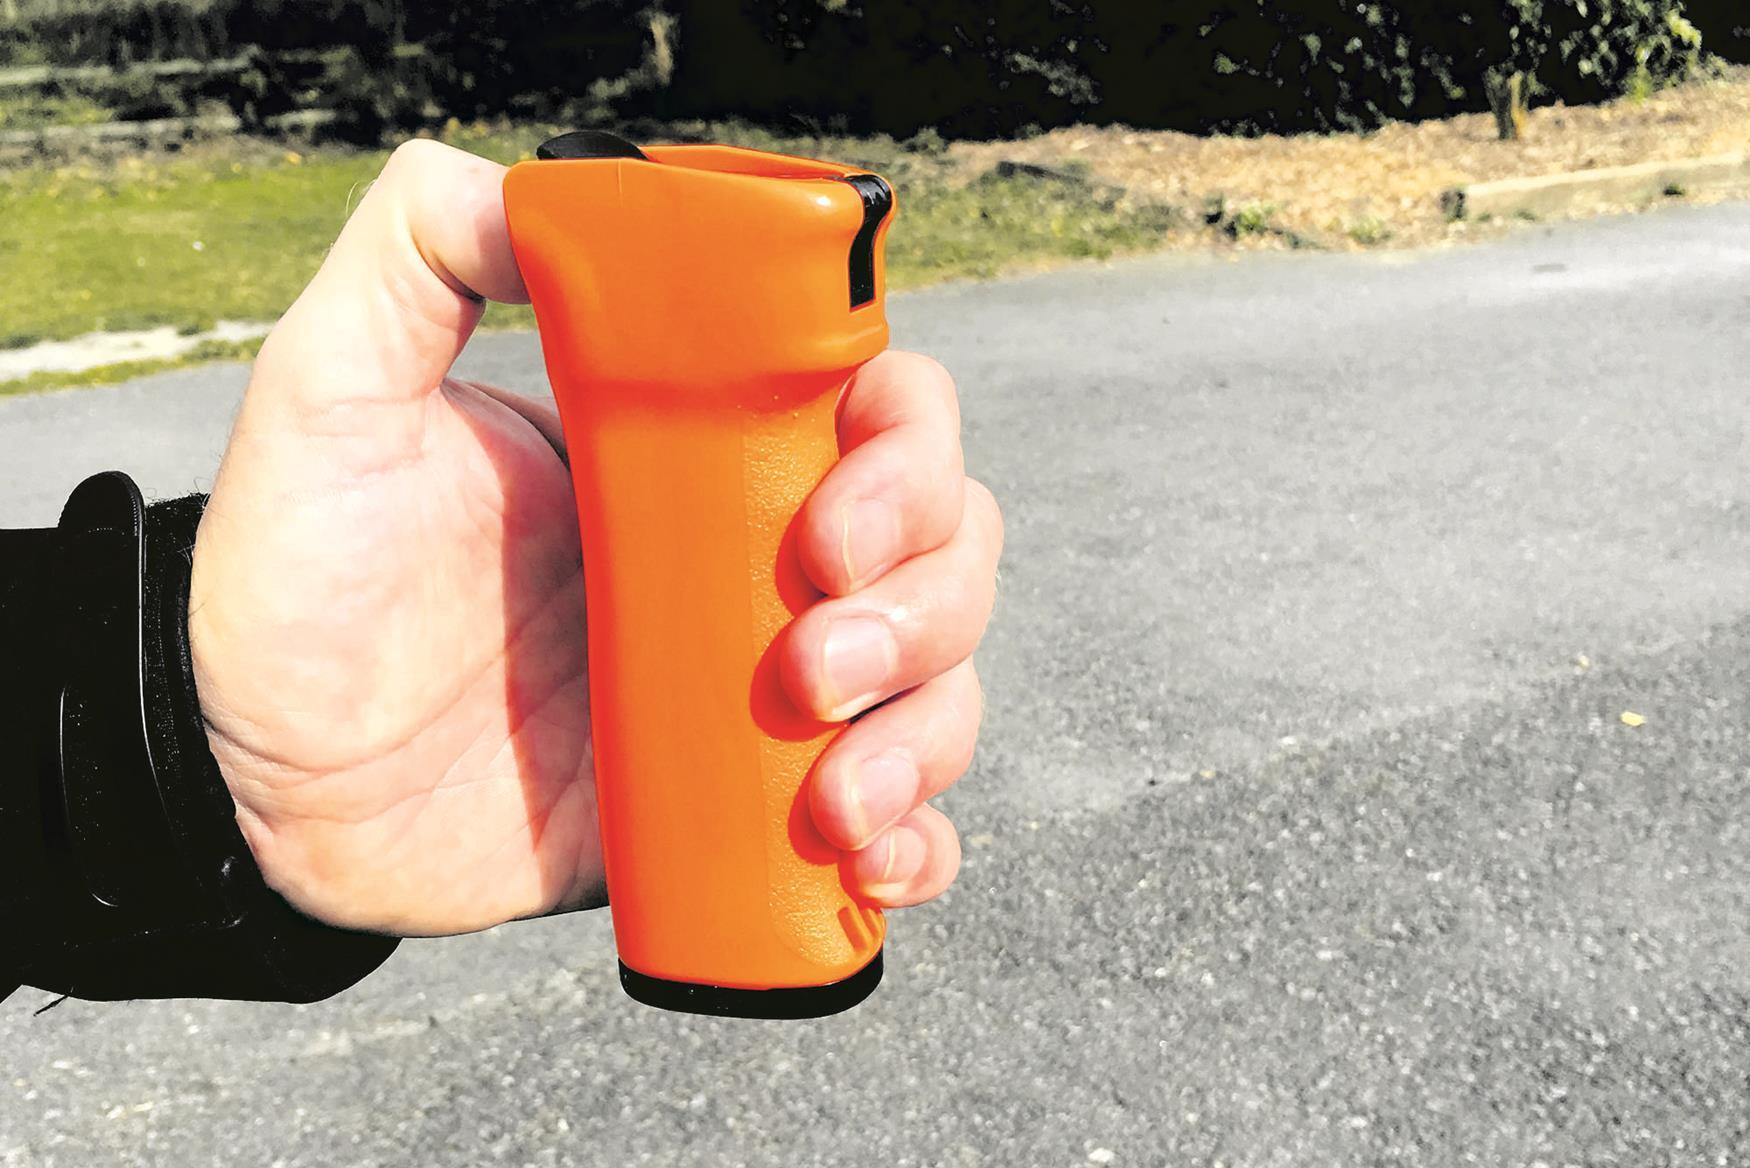 A DNA spray dispenser